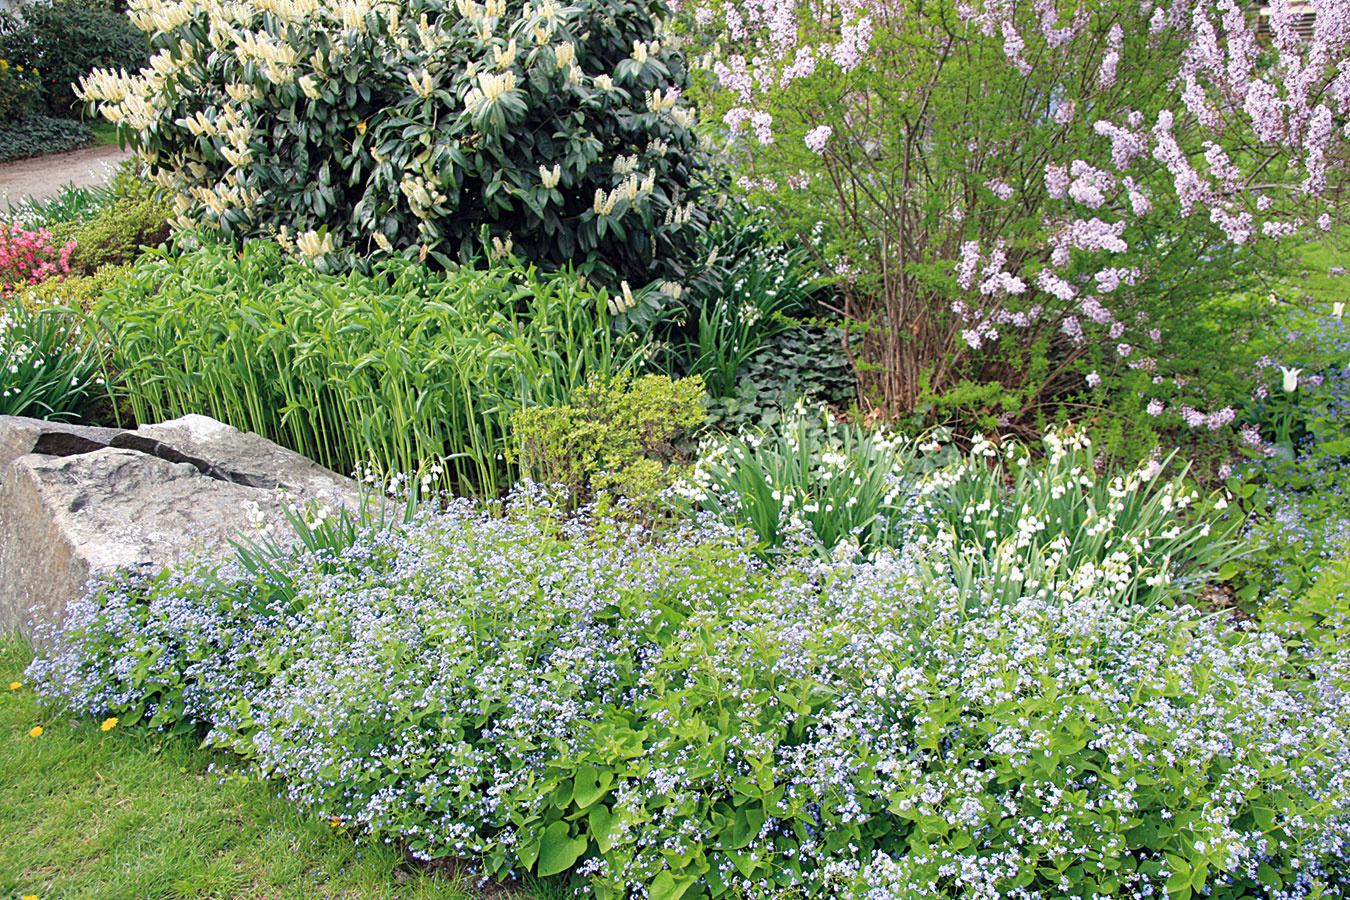 Ostrihať treba suché aodkvitnuté kvety trvaliek, suché stonky aj listy. Tento úkon zbytočne neodkladajte, pretože staré stonky bránia rozvoju nových výhonkov. Záhony vyčistite aj od nafúkaného lístia, odstráňte burinu azvážte redukciu rozrastených druhov trvaliek kvitnúcich vlete ana jeseň. Tie, čo kvitnú na jar, rozdeľte až po ich odkvitnutí. Trsy trvaliek treba omladzovať raz za tri až štyri roky. Pôdu vich okolí prekyprite aktrsom nasypte kvalitný preosiaty kompost alebo dlhodobo pôsobiace hnojivo. Zabúdať by ste nemali ani na zálievku kvitnúcich cibuľovín. Vdruhej polovici mesiaca môžete záhon spestriť novými trvalkami, prípadne kvitnúcim krom.